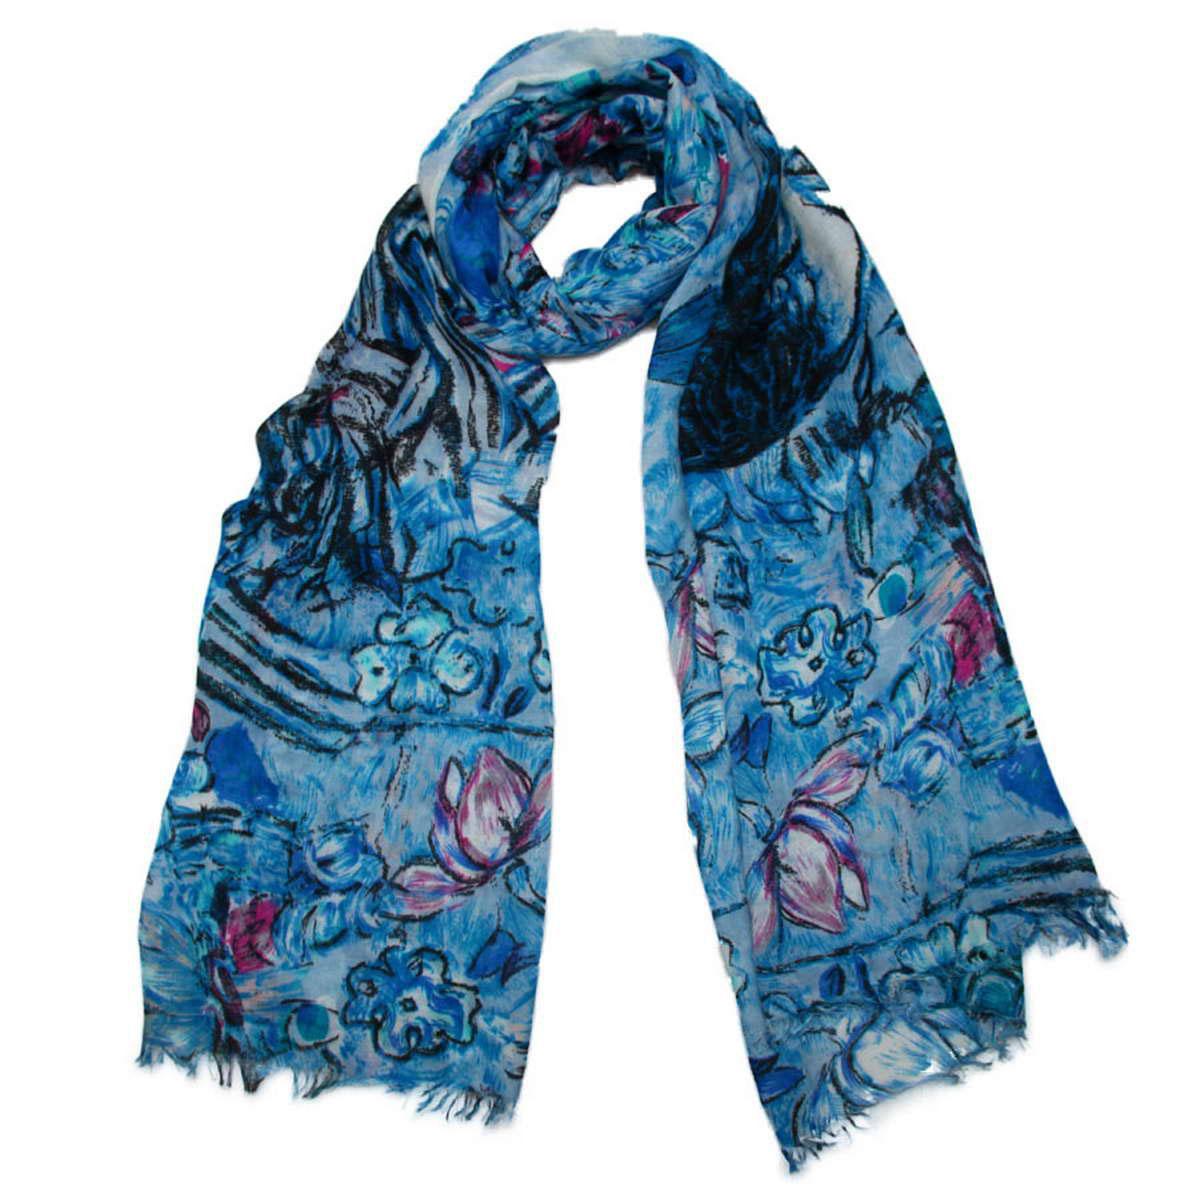 Палантин3415201-05Элегантный женский палантин Venera изготовленный из вискозы, станет идеальным украшением для наряда нежной, тонкой и романтичной натуры. Палантин имеет отличное качество и приятную текстуру материала, он подарит настоящий комфорт при носке, а большие размеры позволят завязать изделие множеством вариантов. Изделие оформлено оригинальным принтом в пастельных тонах и декорировано бахромой. В этом палантине вы всегда будете выглядеть женственной и привлекательной.